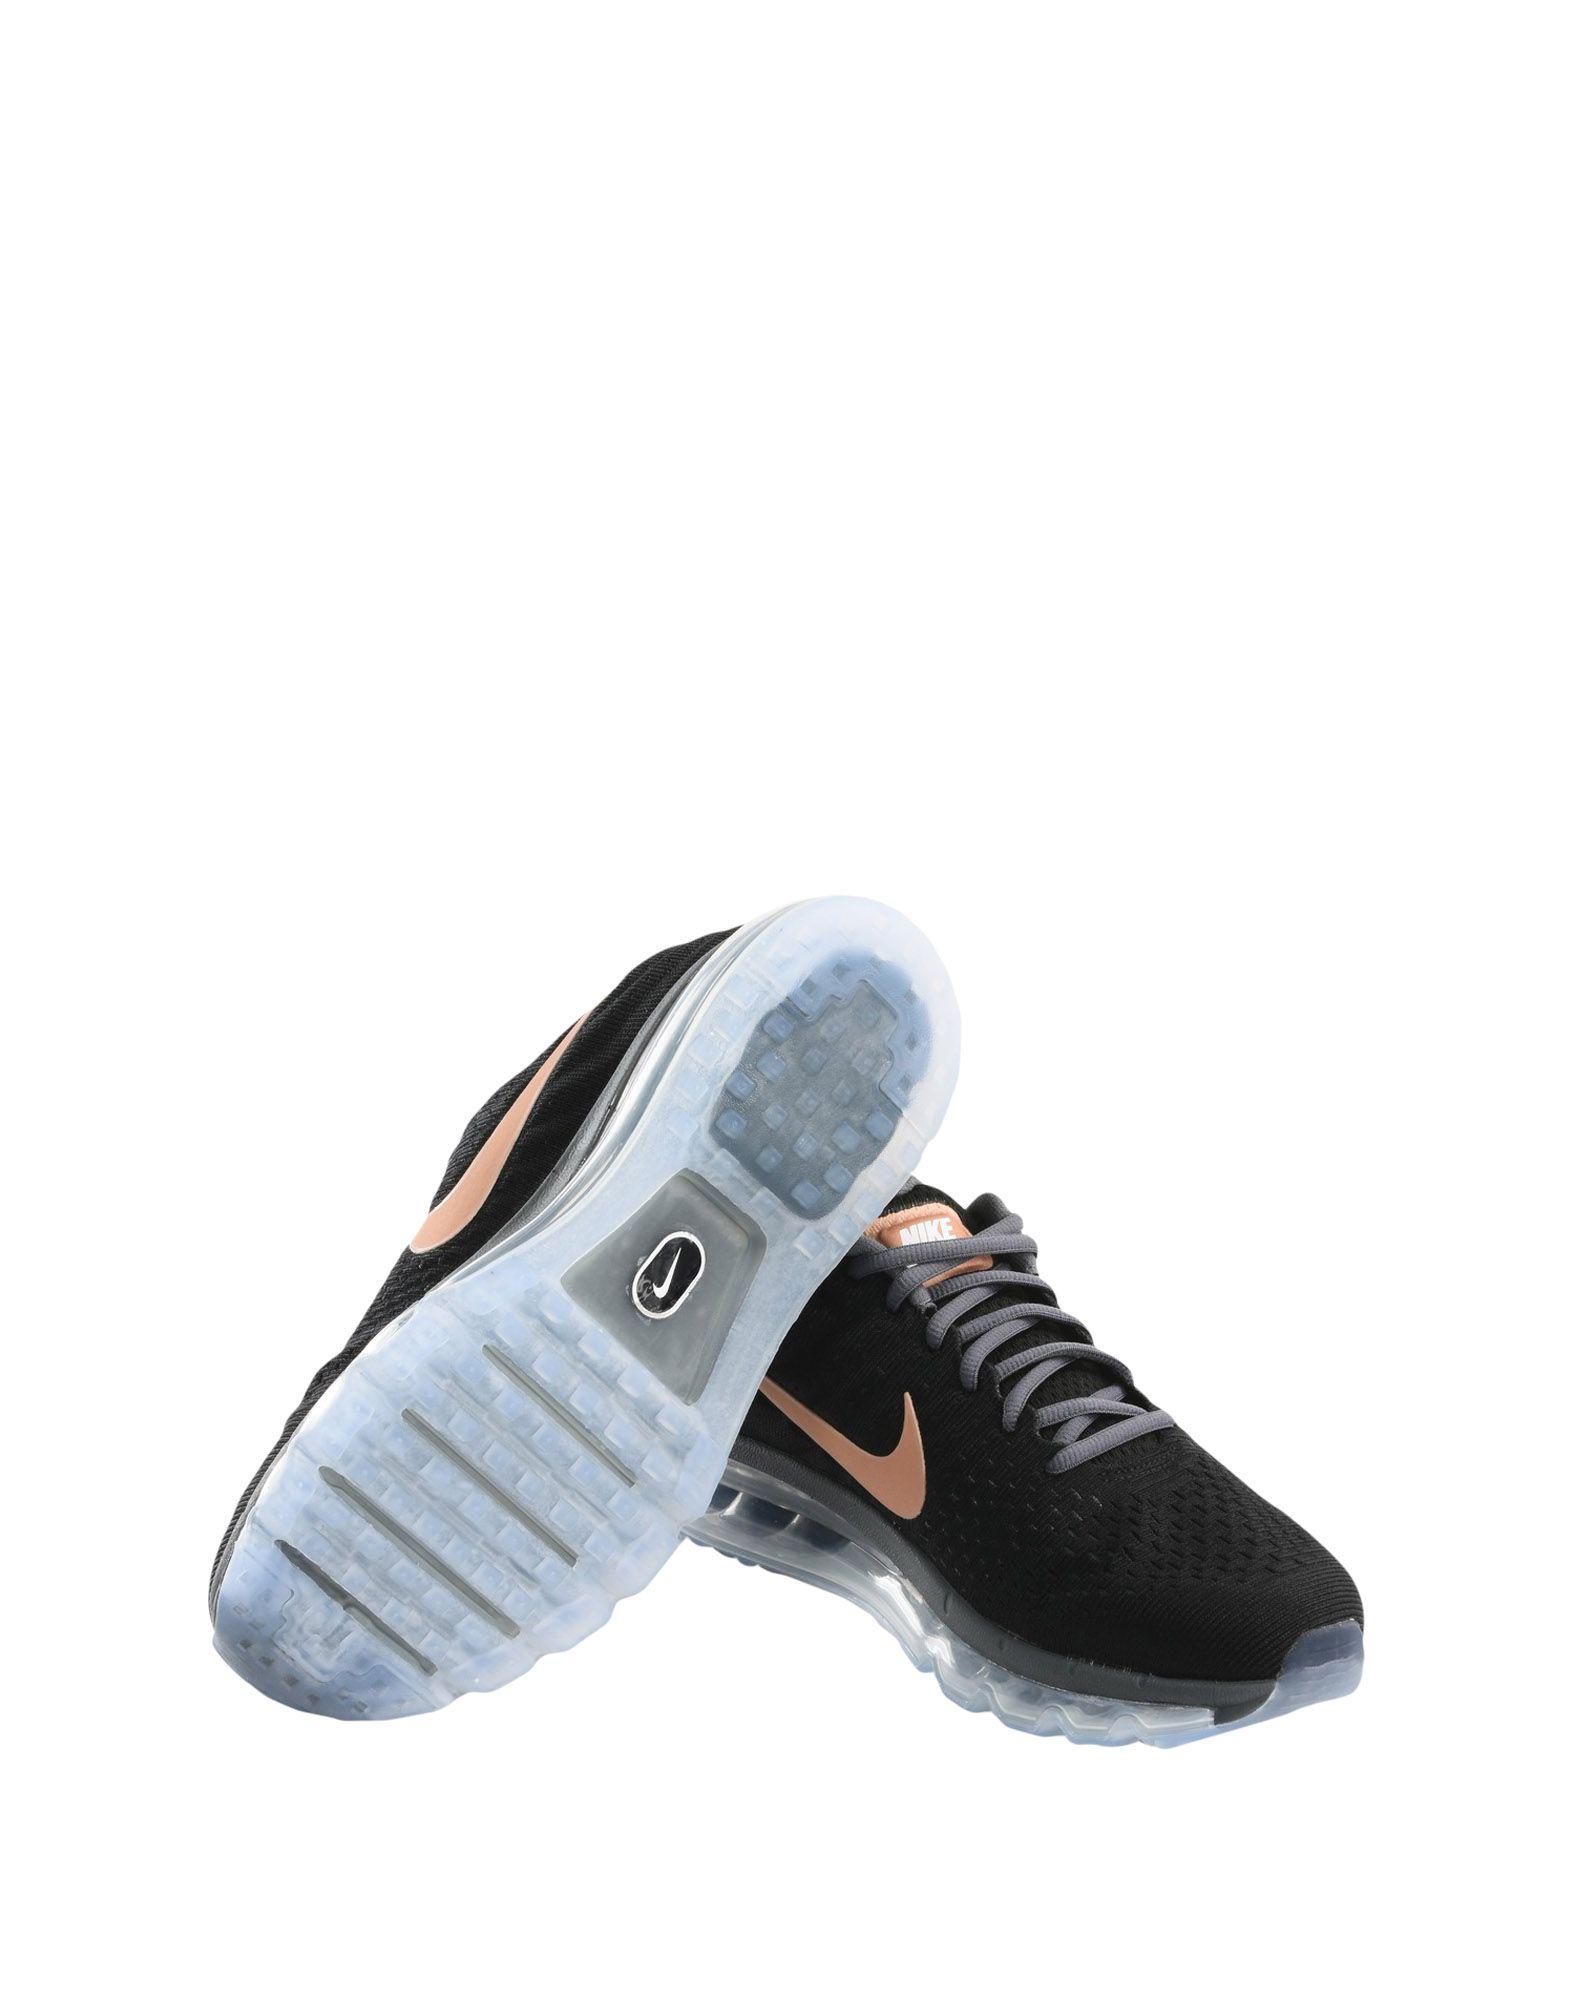 Sneakers Nike   Air Max 2017 - Femme - Sneakers Nike sur